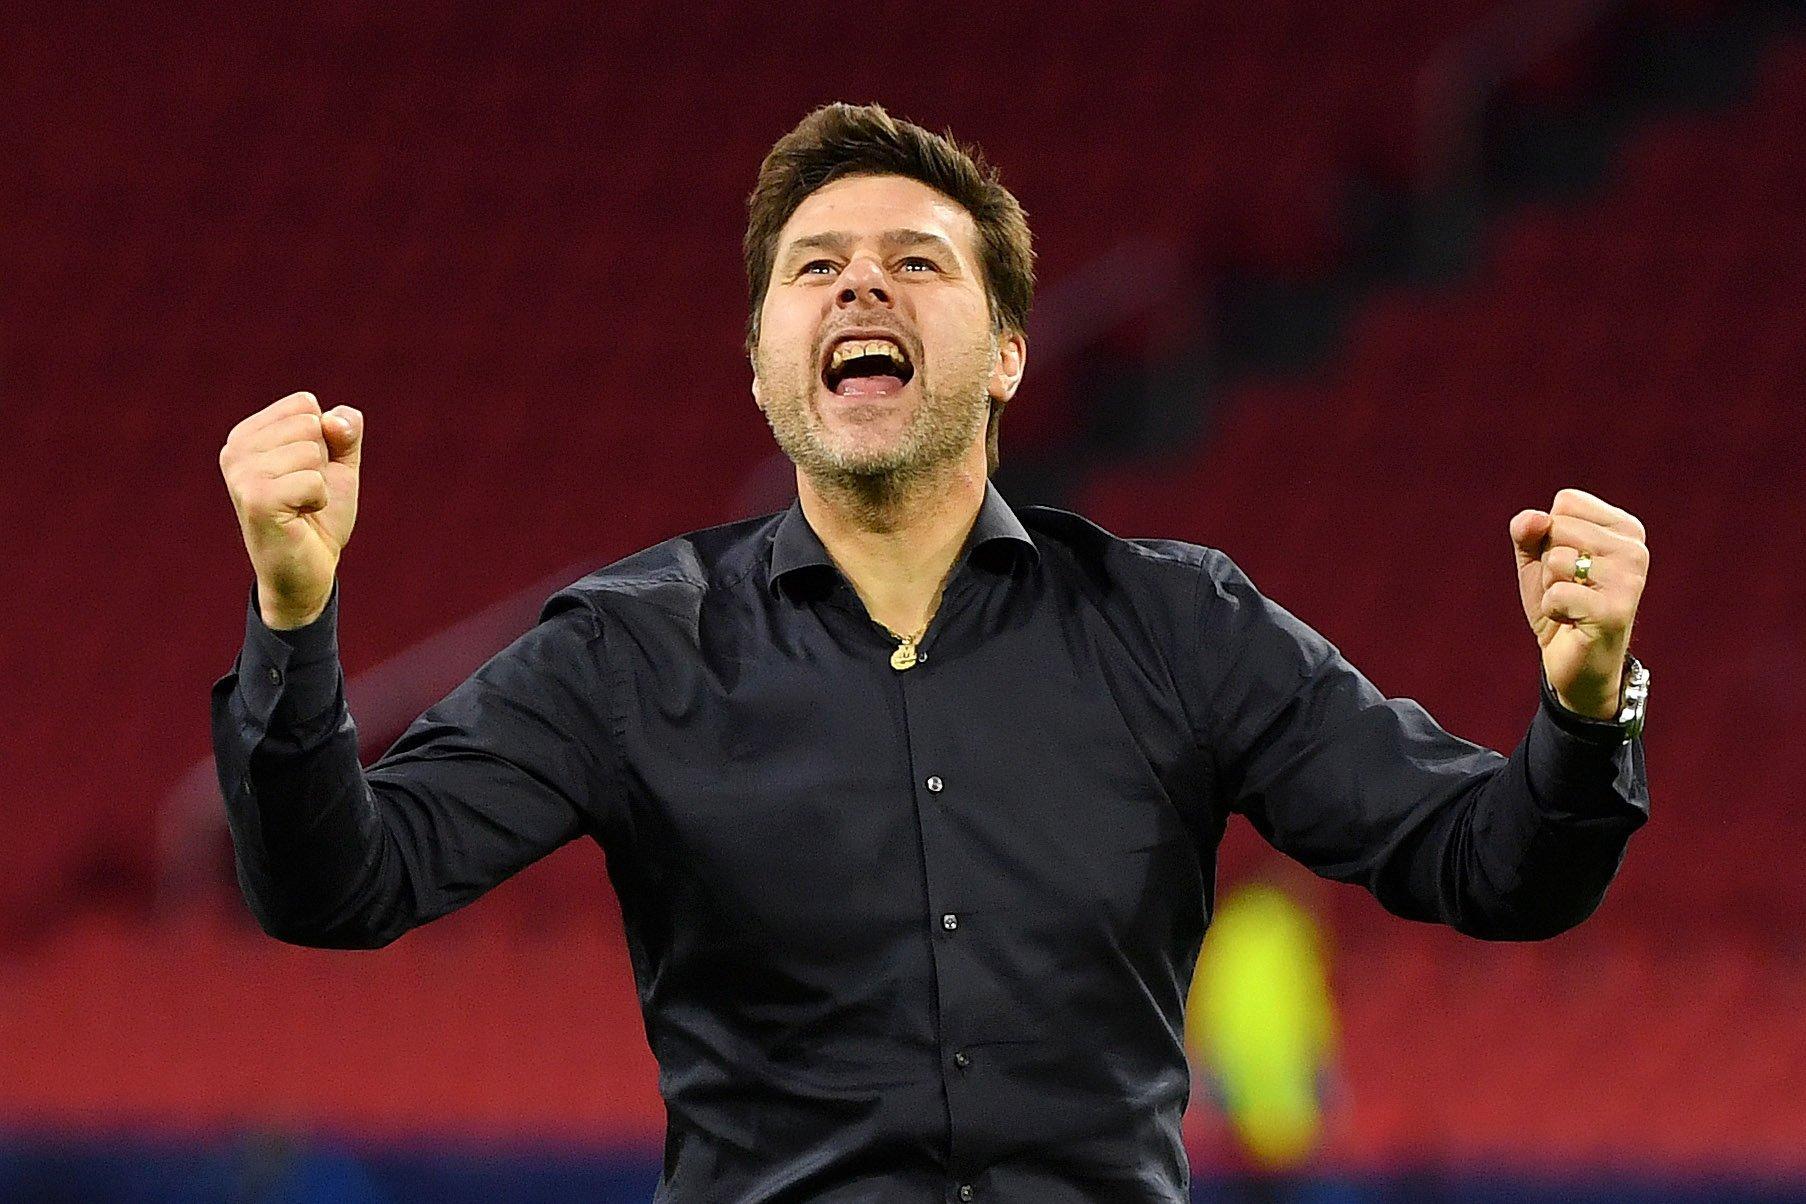 Mauricio Pochettino sacked by Tottenham Hotspur